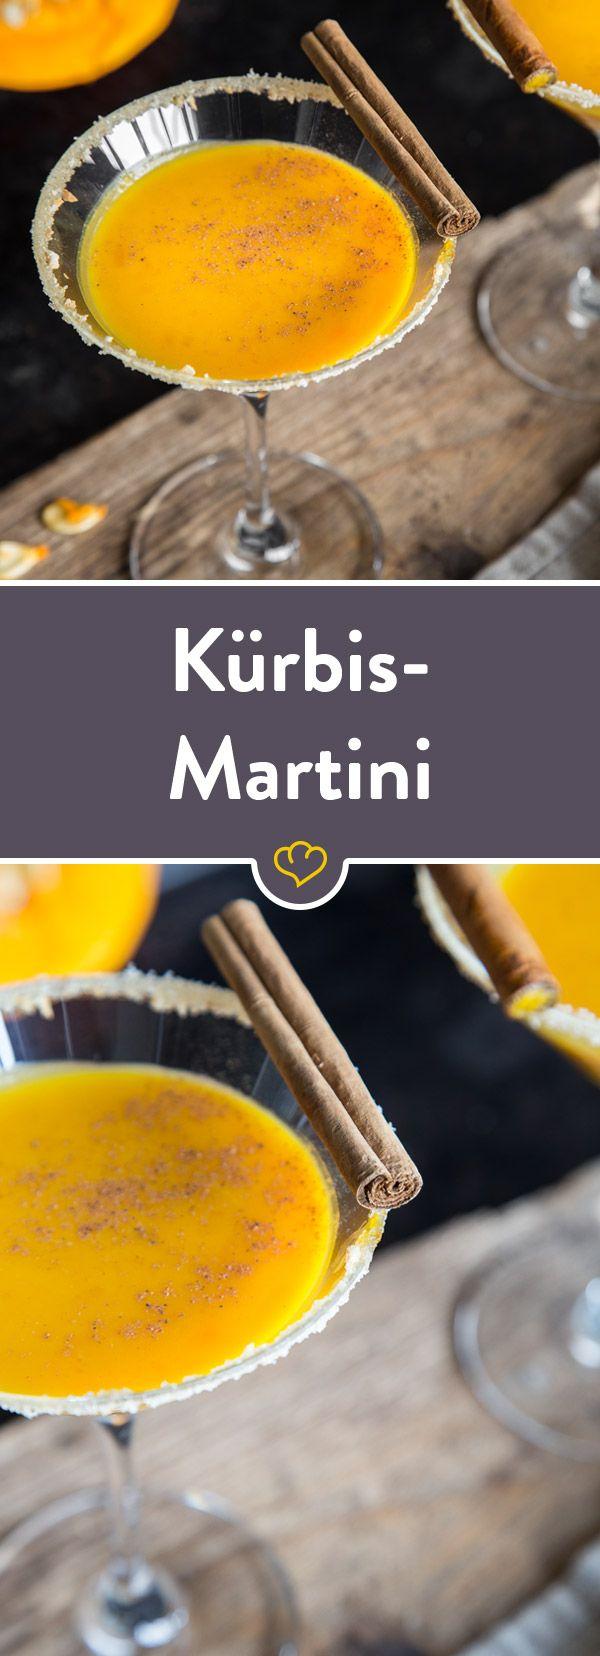 Zu Diesem Kurbis Martini Kommt Noch Rum Sahne Und Milch Auf Den Rand Zucker Keks Und Zimt Und Oben Drauf Eine Zimtstange Und G Martini Kurbis Kurbis Dessert